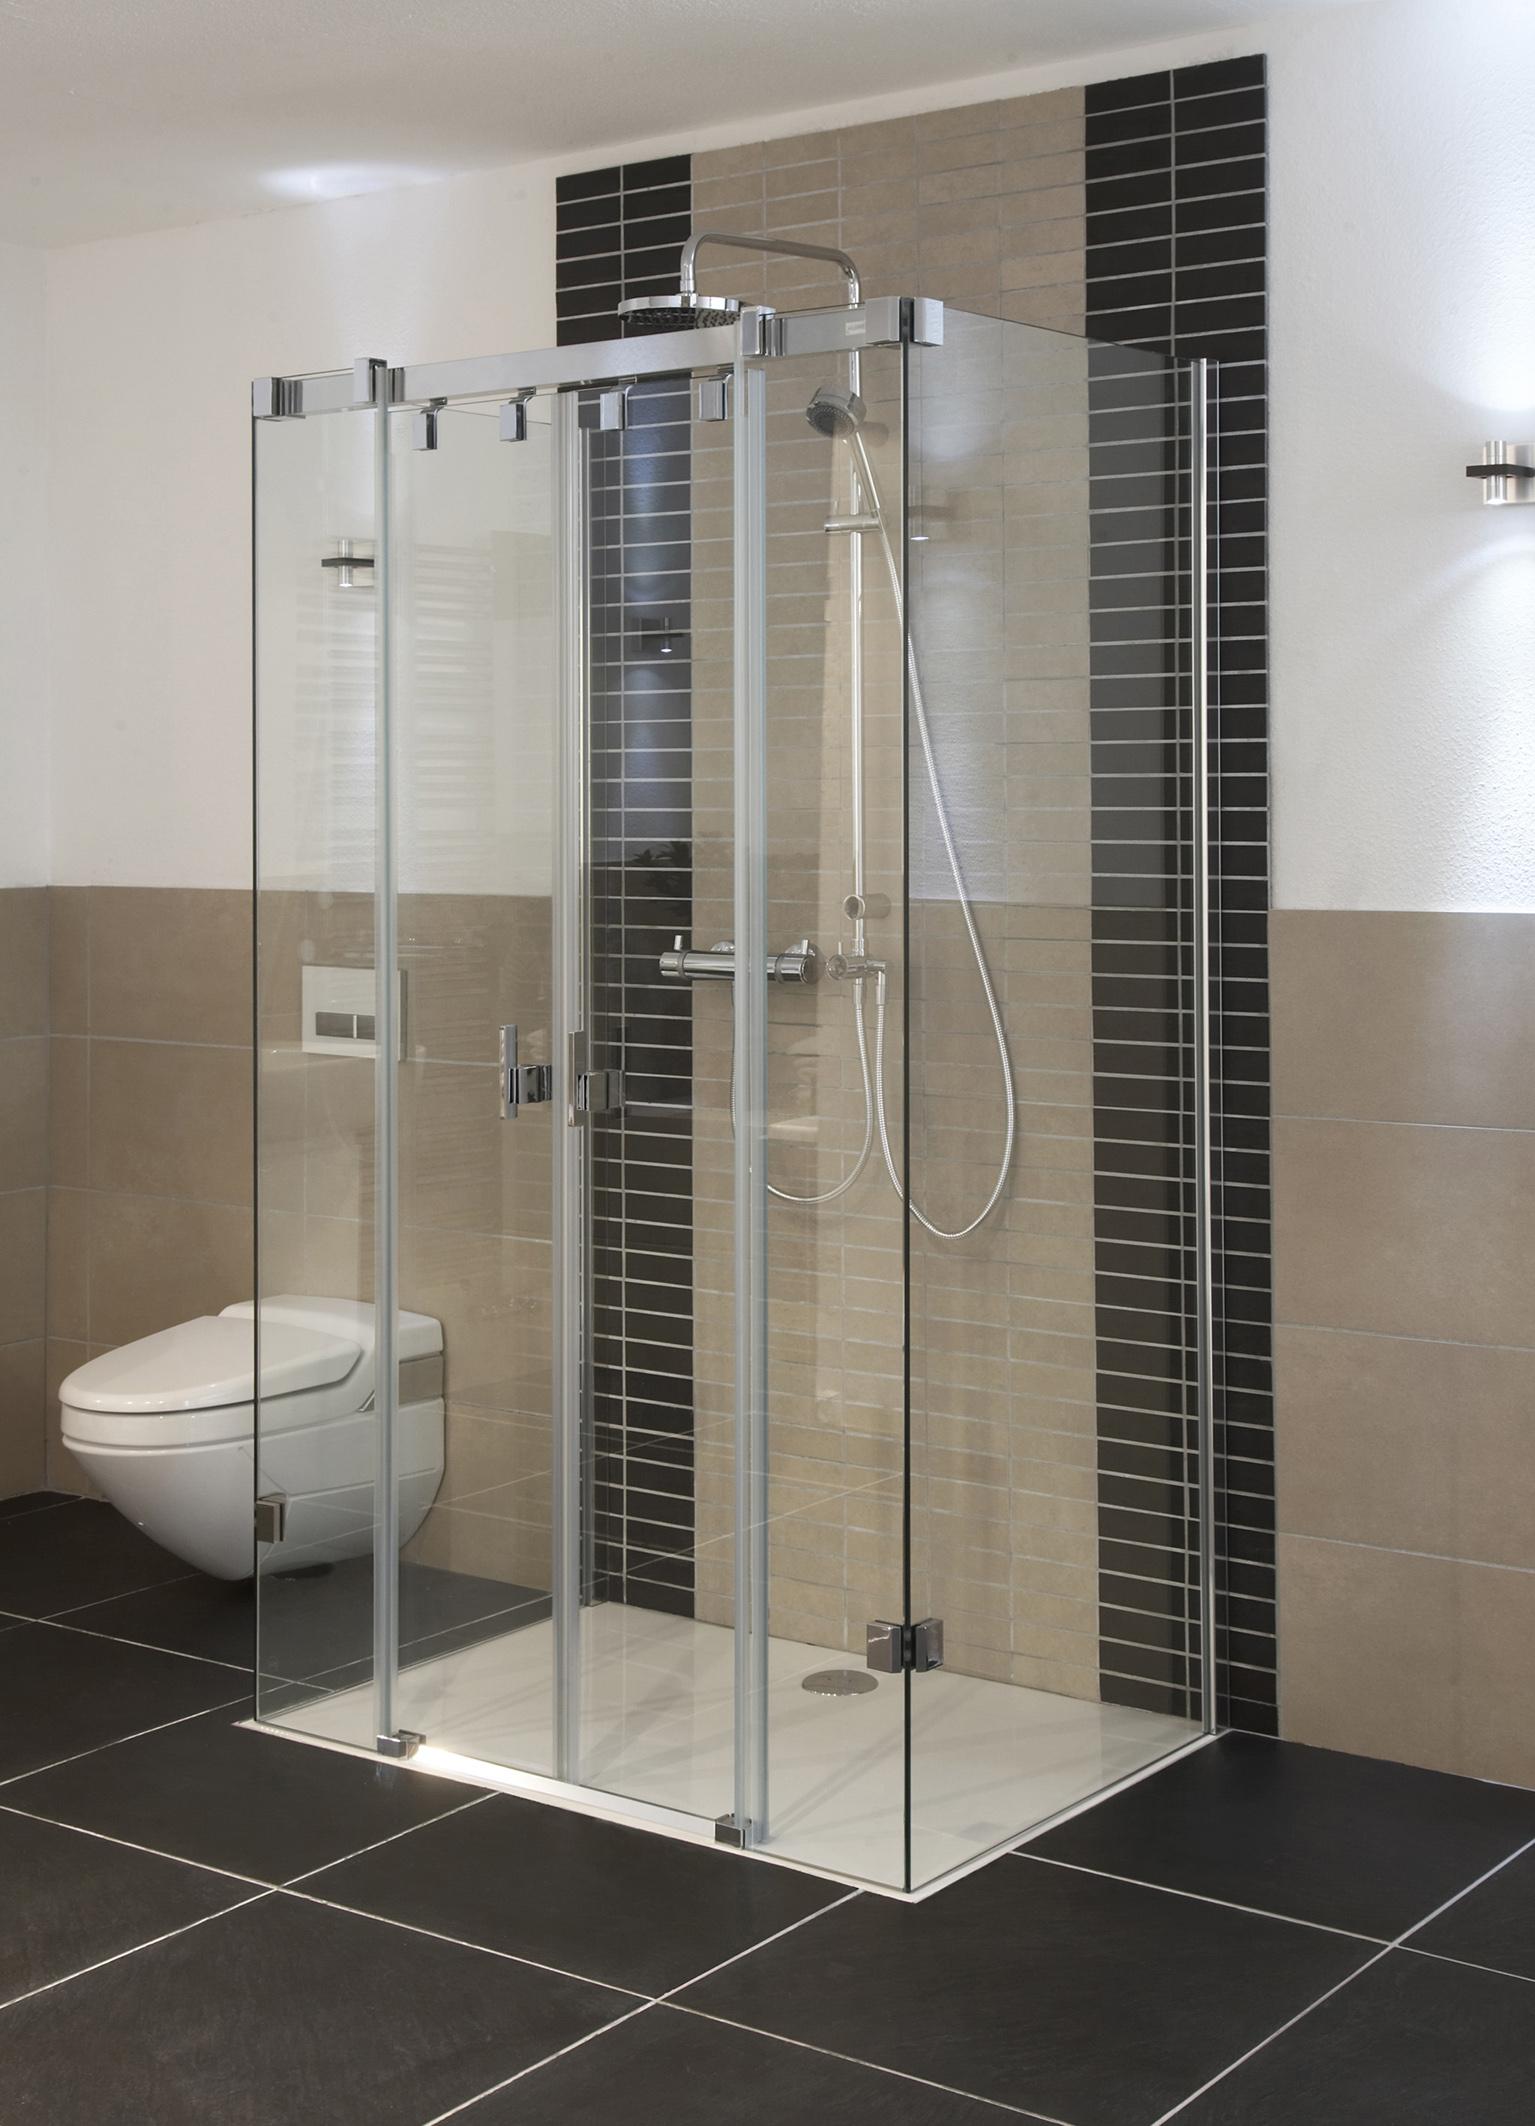 Full Size of Archive Schulte Duschen Bodengleiche Werksverkauf Sprinz Breuer Hüppe Hsk Moderne Begehbare Kaufen Dusche Dusche Hüppe Duschen